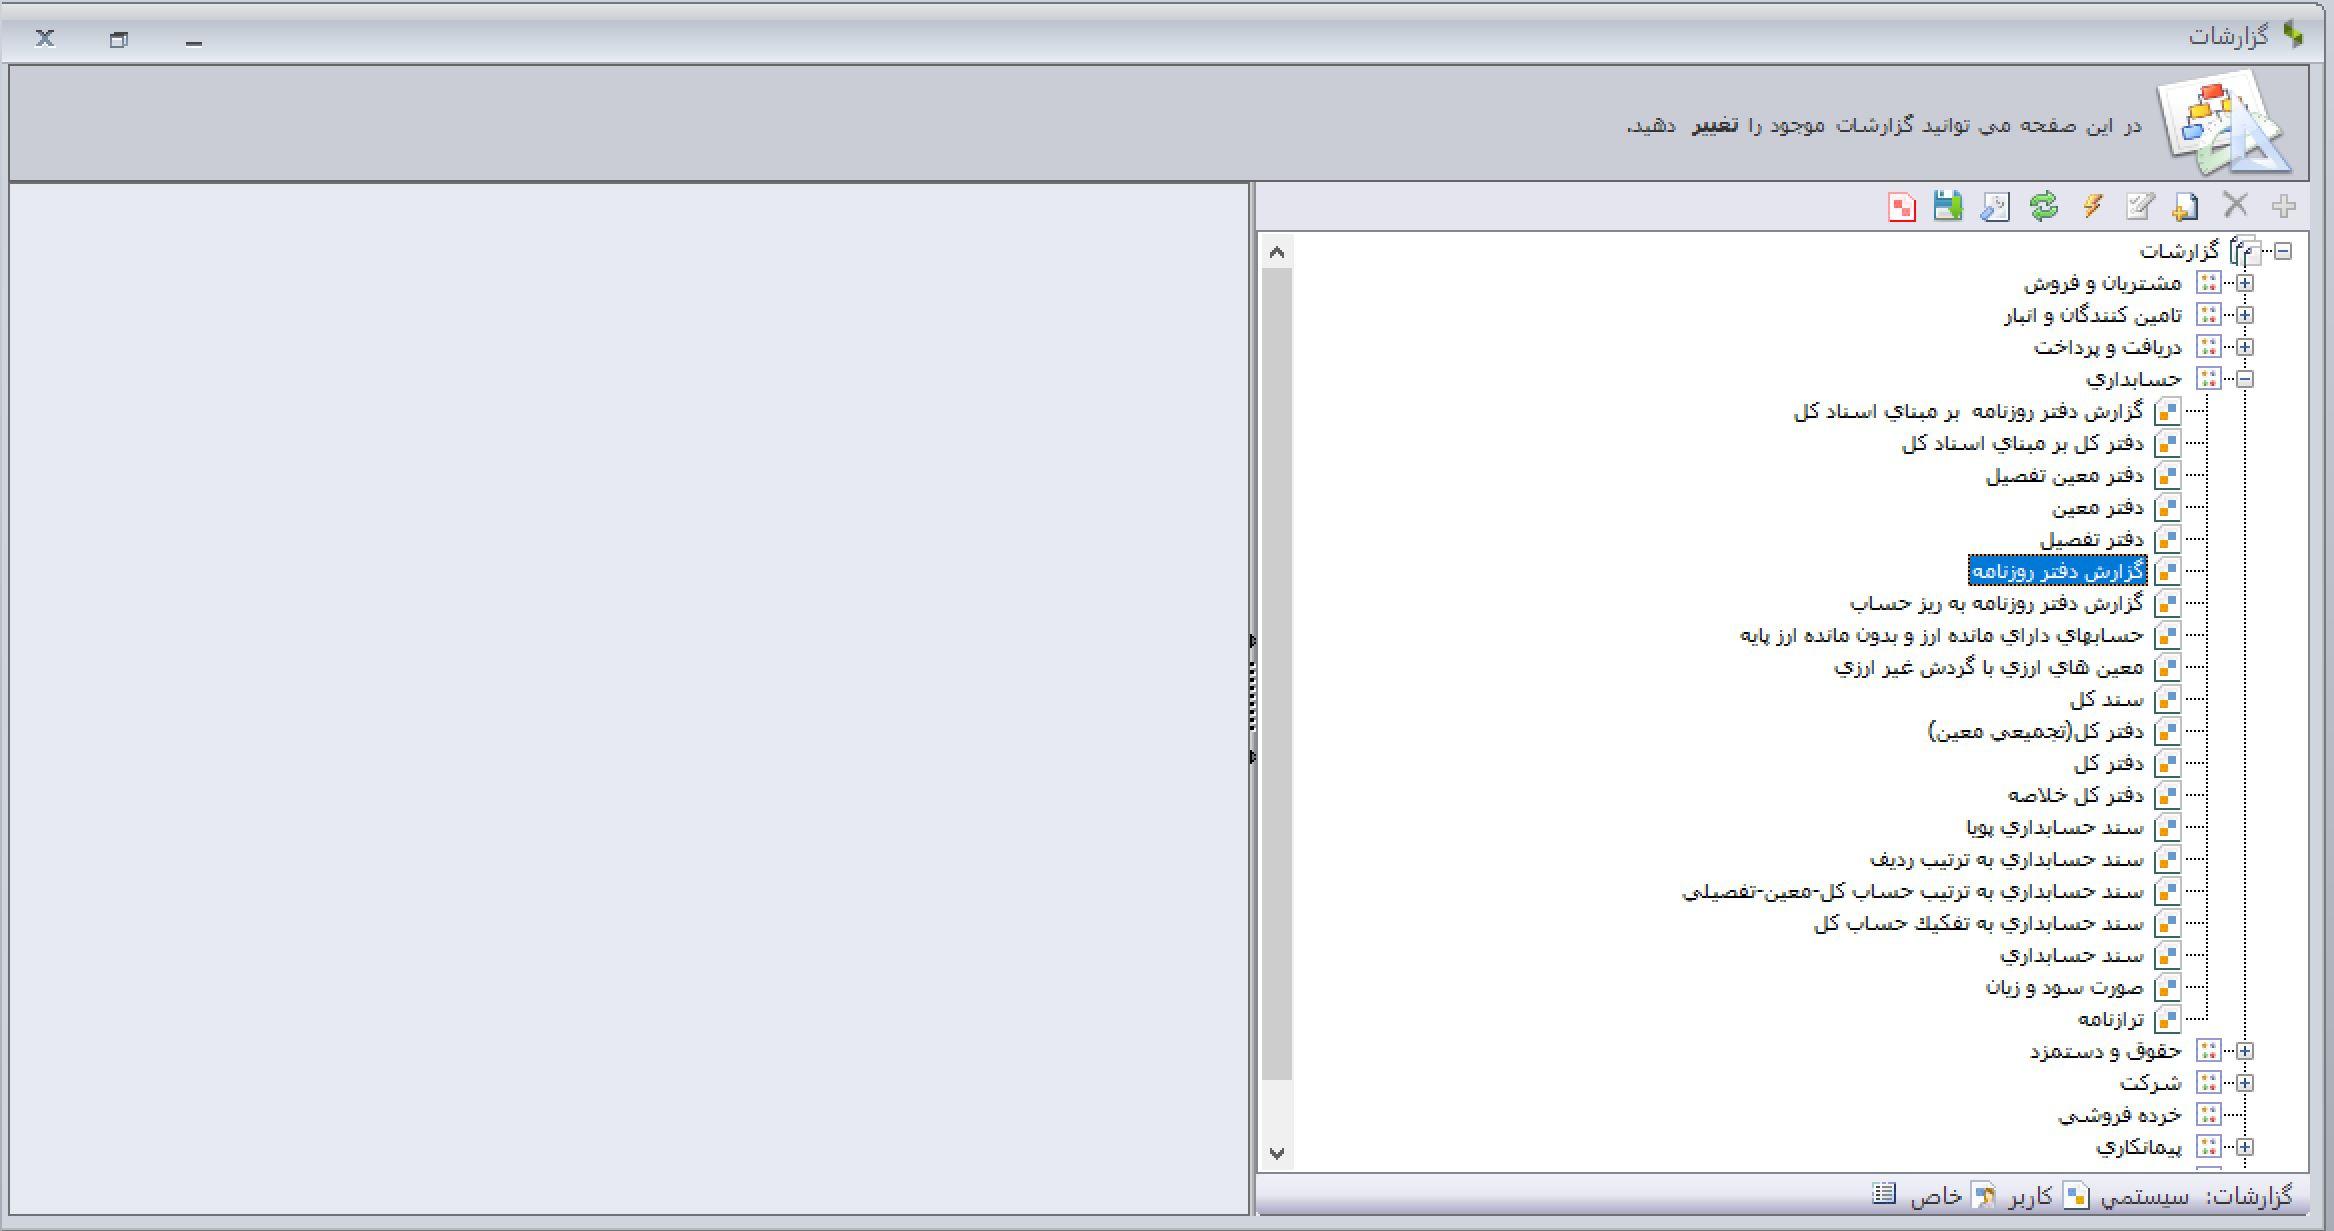 گزارش دفتر روزنامه حسابداری سپیدار سیستم